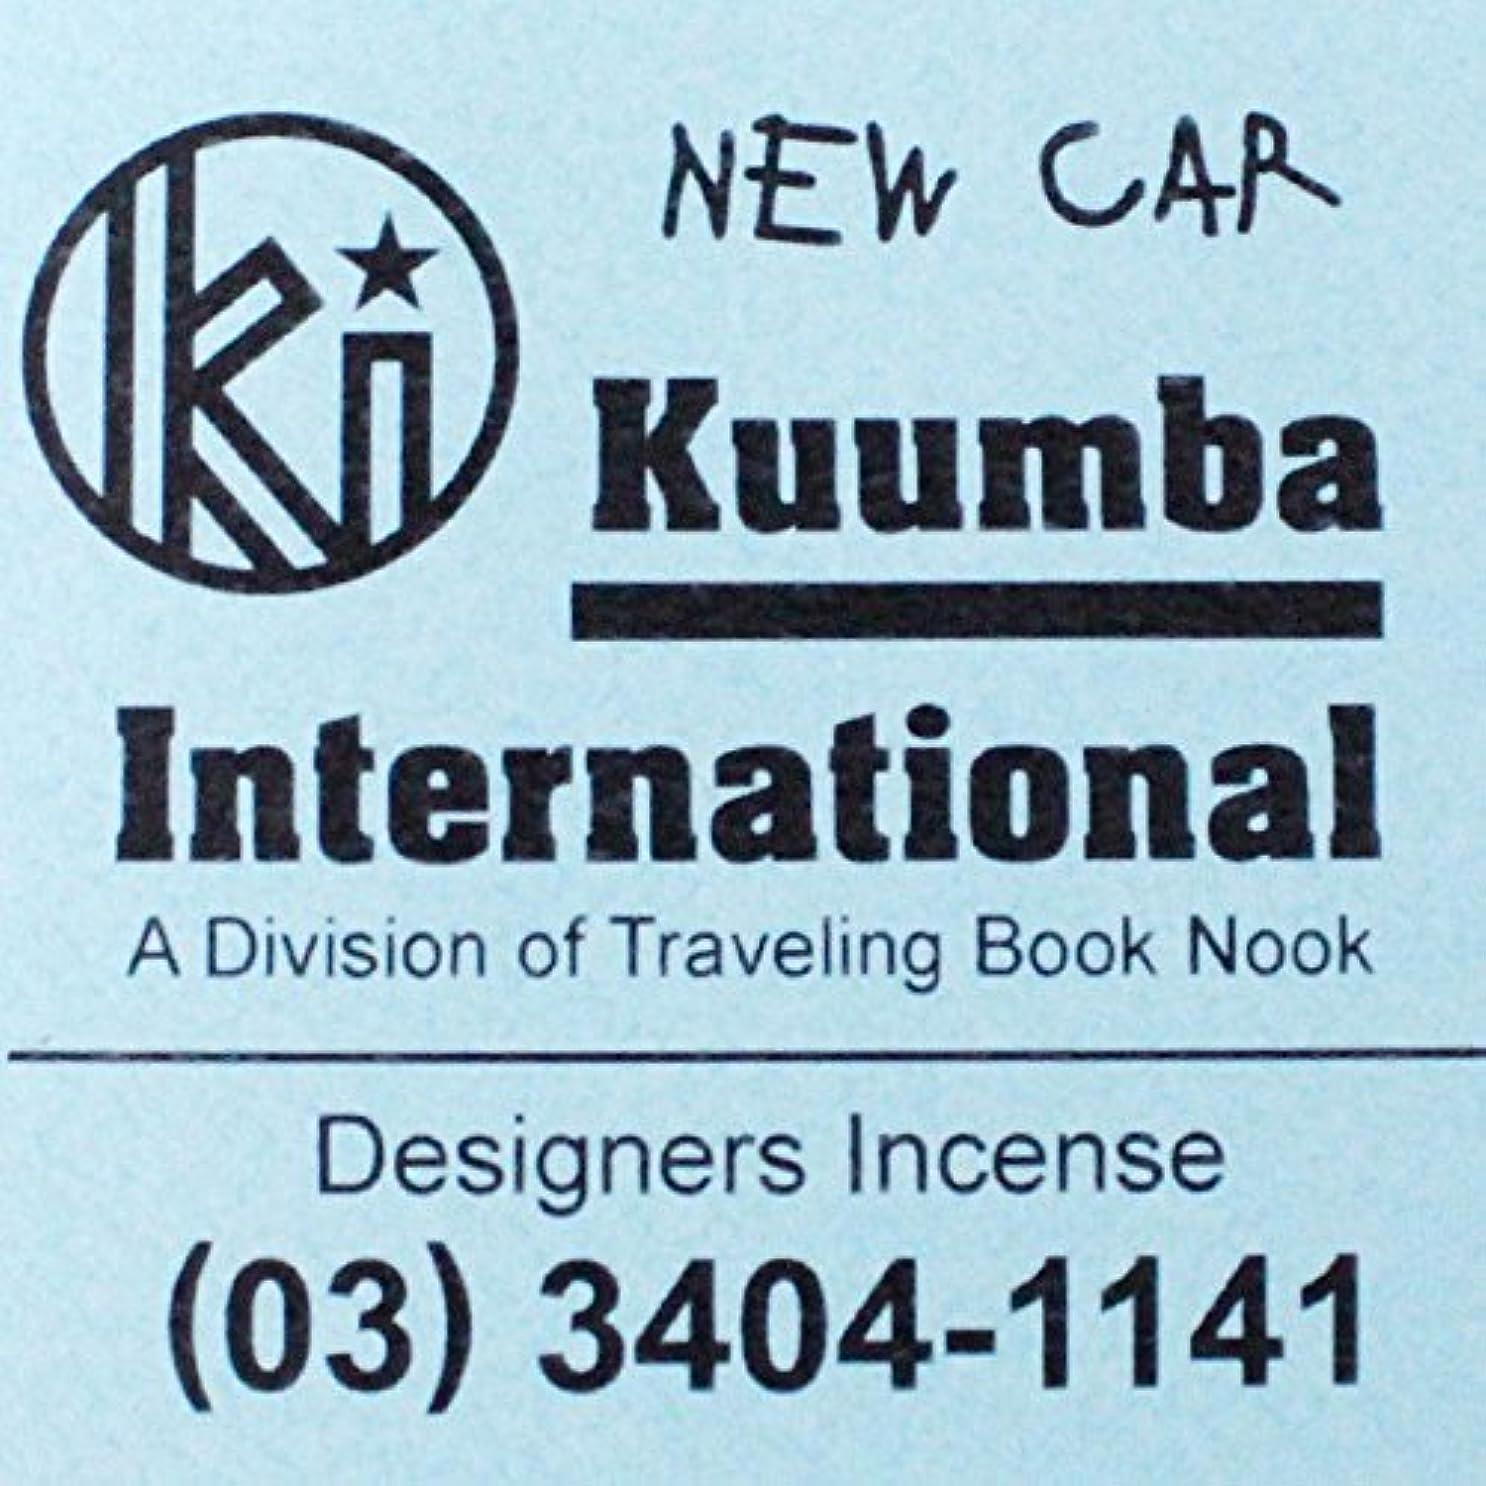 桃入浴ナサニエル区(クンバ) KUUMBA『incense』(NEW CAR) (Regular size)